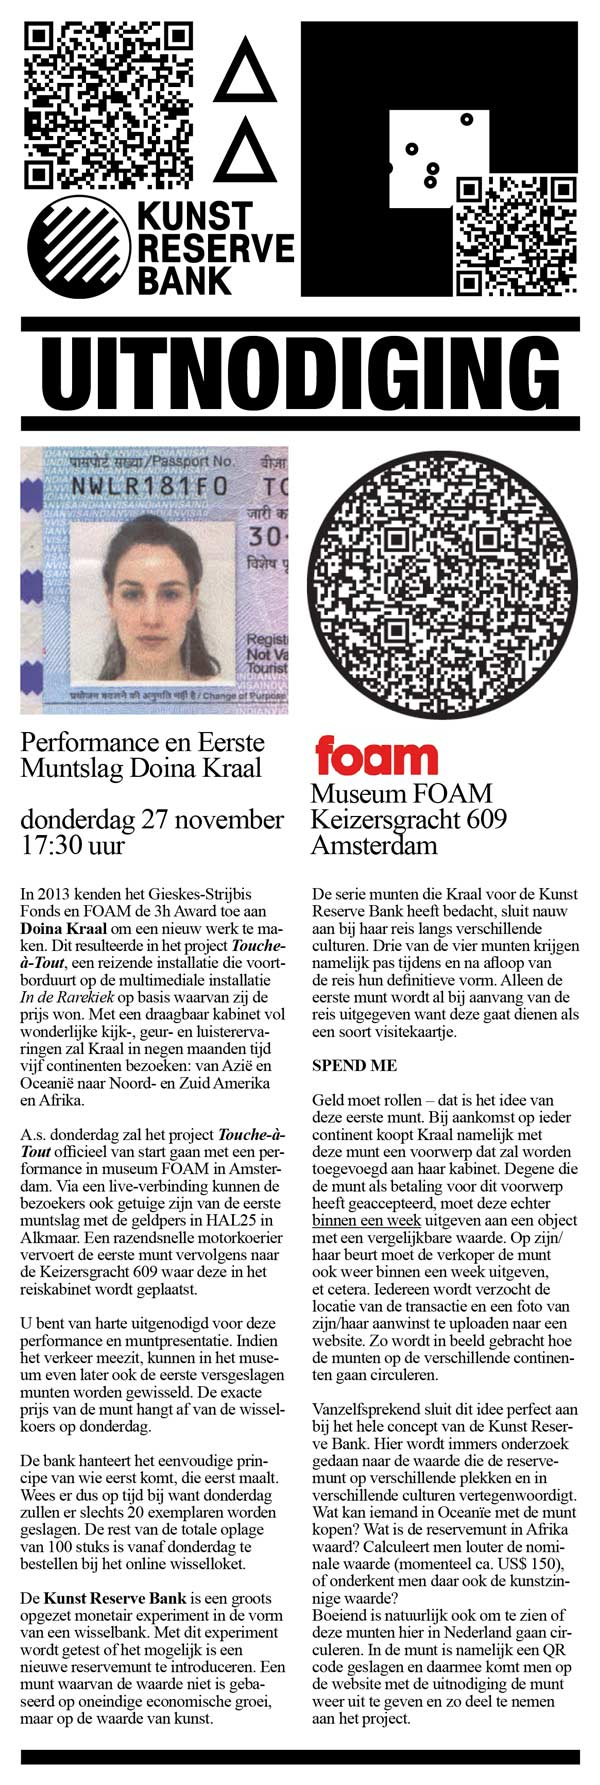 Uitnodiging 27 November 2014